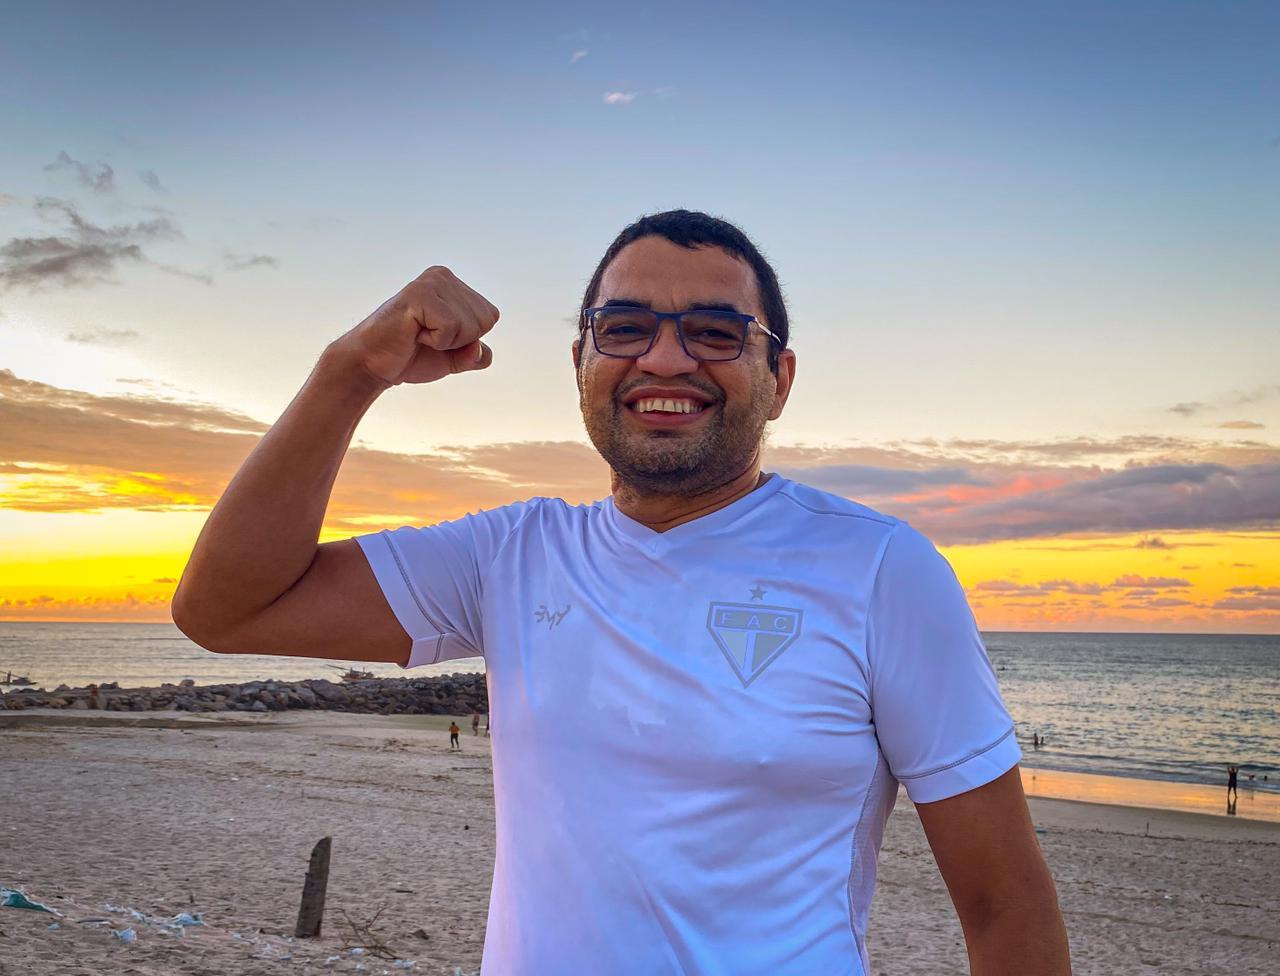 Vereador de Fortaleza vence o câncer e retorna atividades na Câmara Municipal